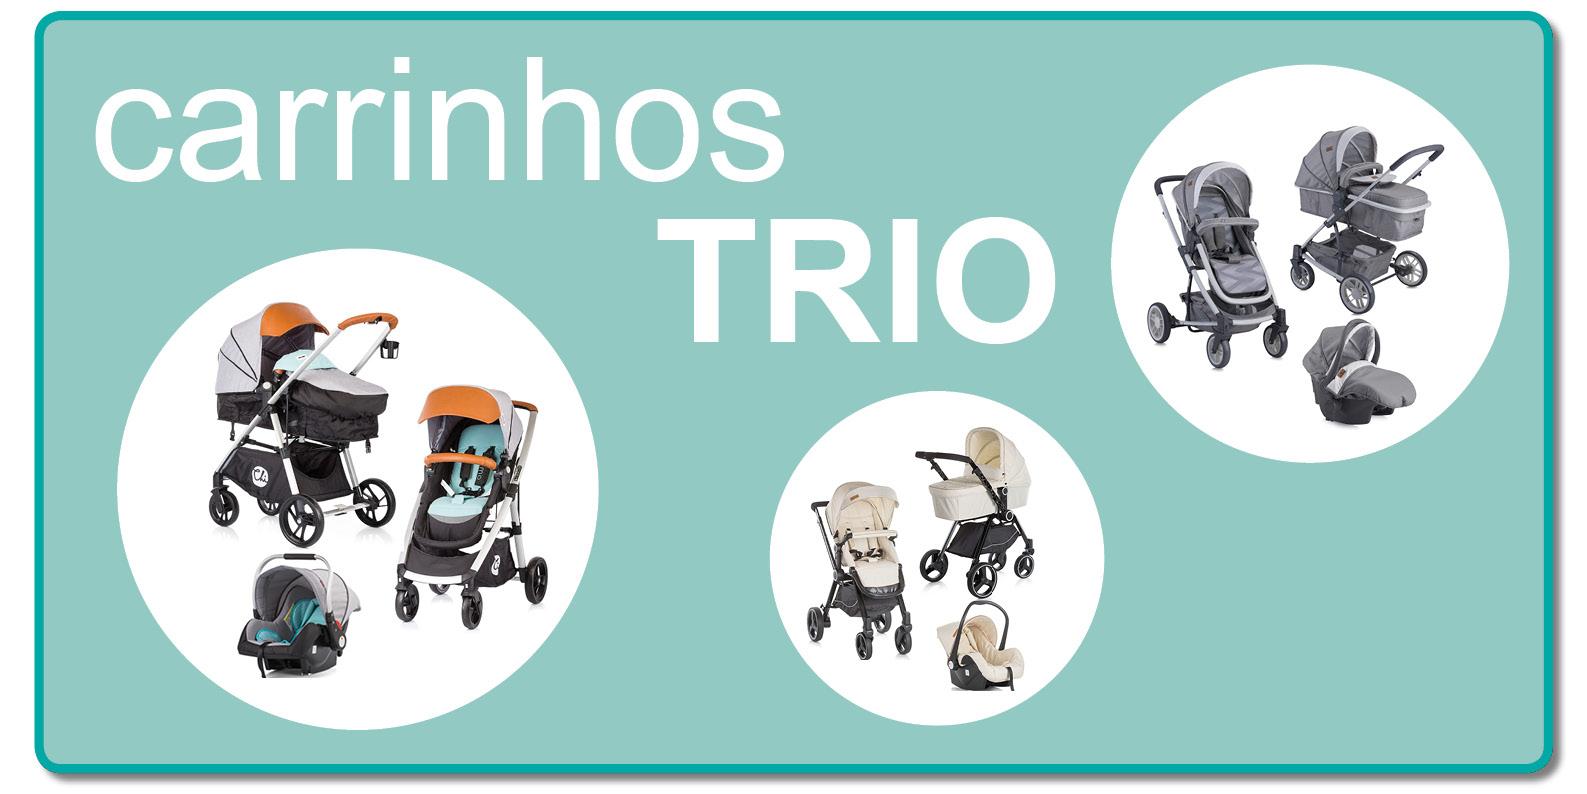 Carrinho trio